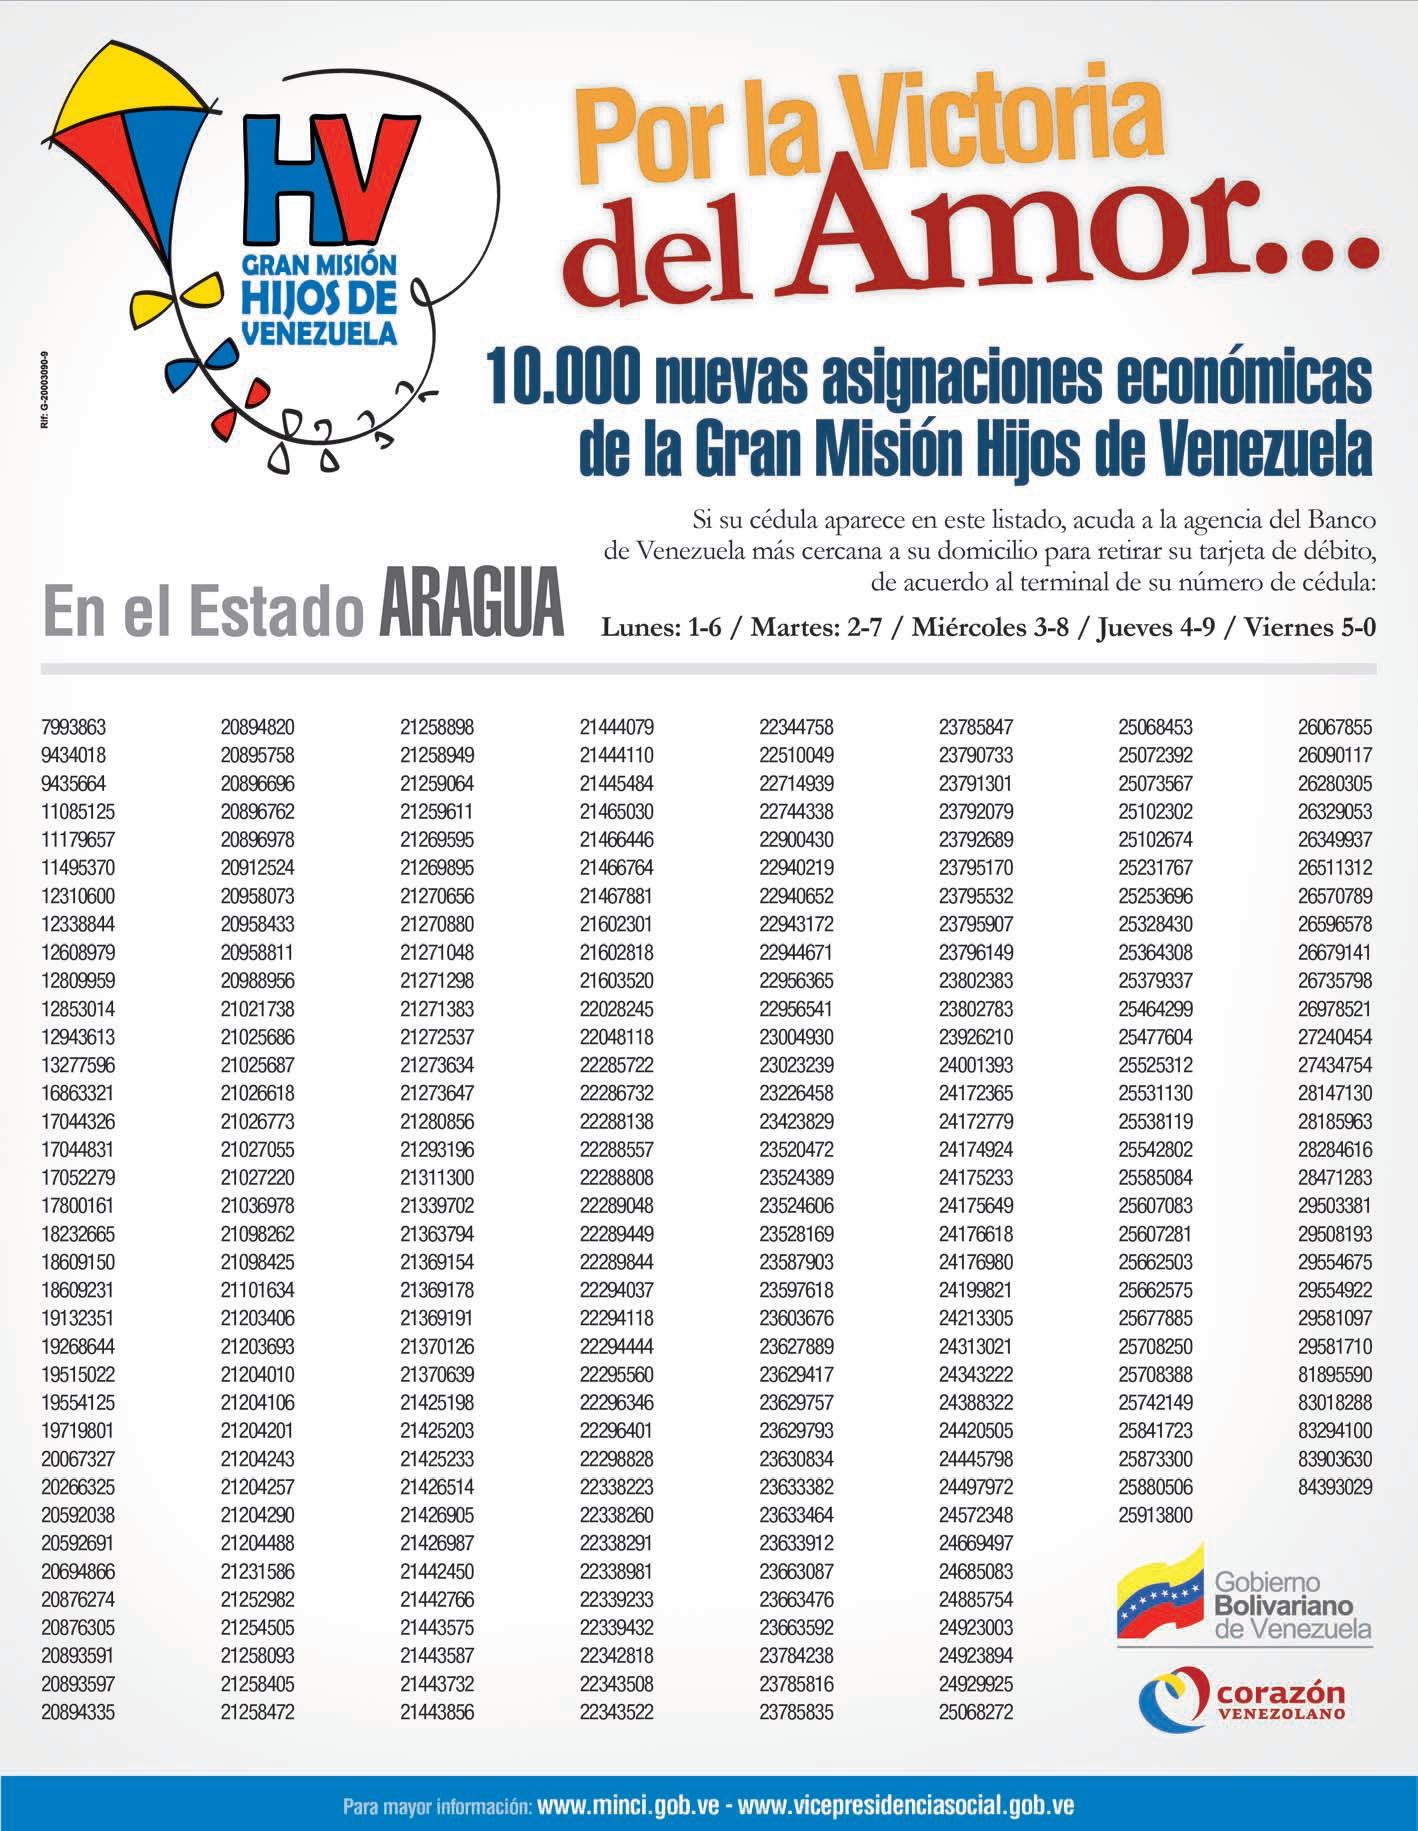 Listado de la Gran Misión Hijos de Venezuela Edo. Aragua